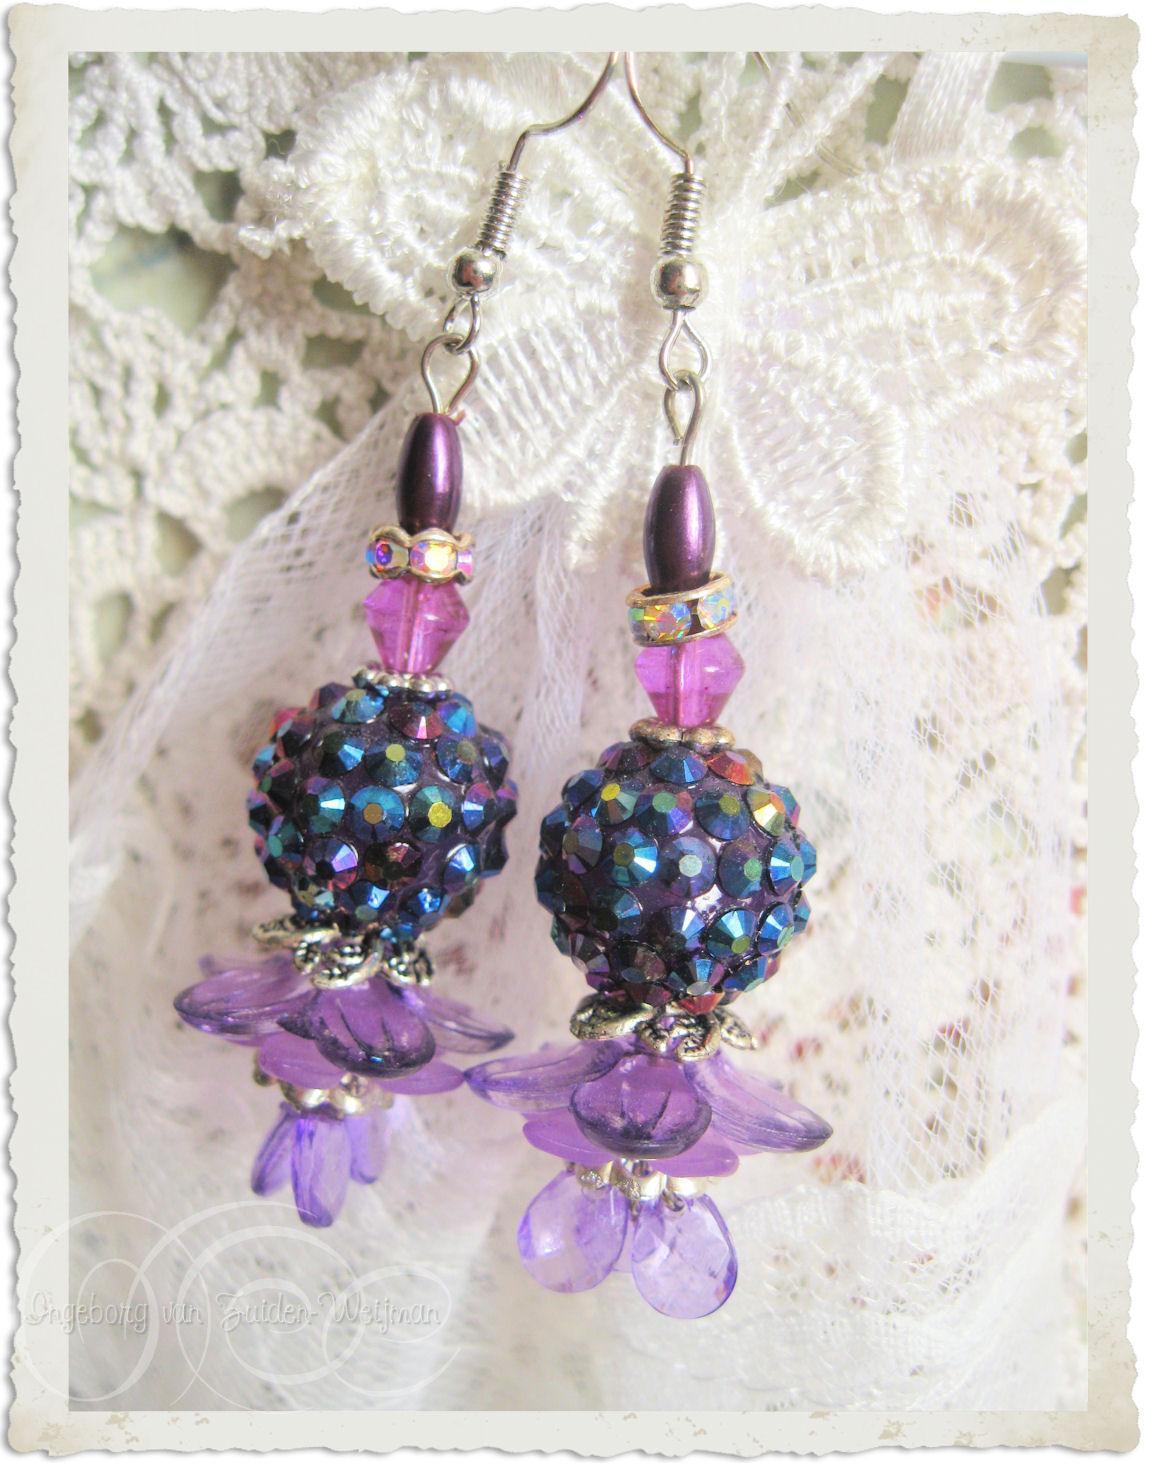 Purple bling earrings by Ingeborg van Zuiden